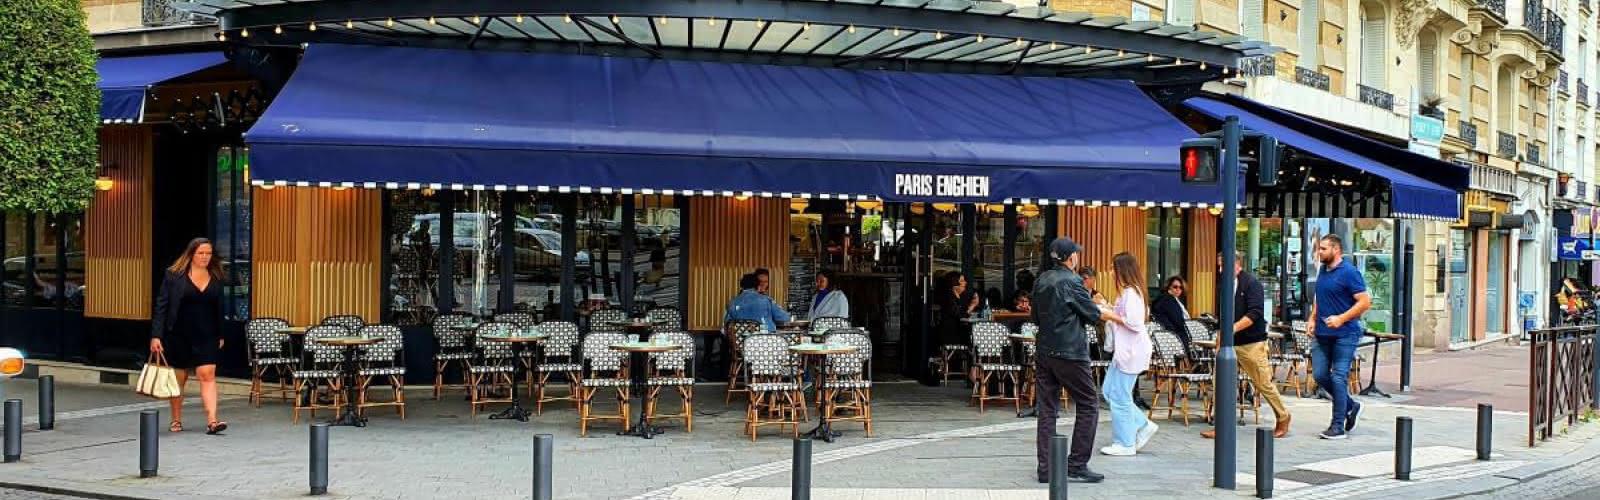 Paris Enghien